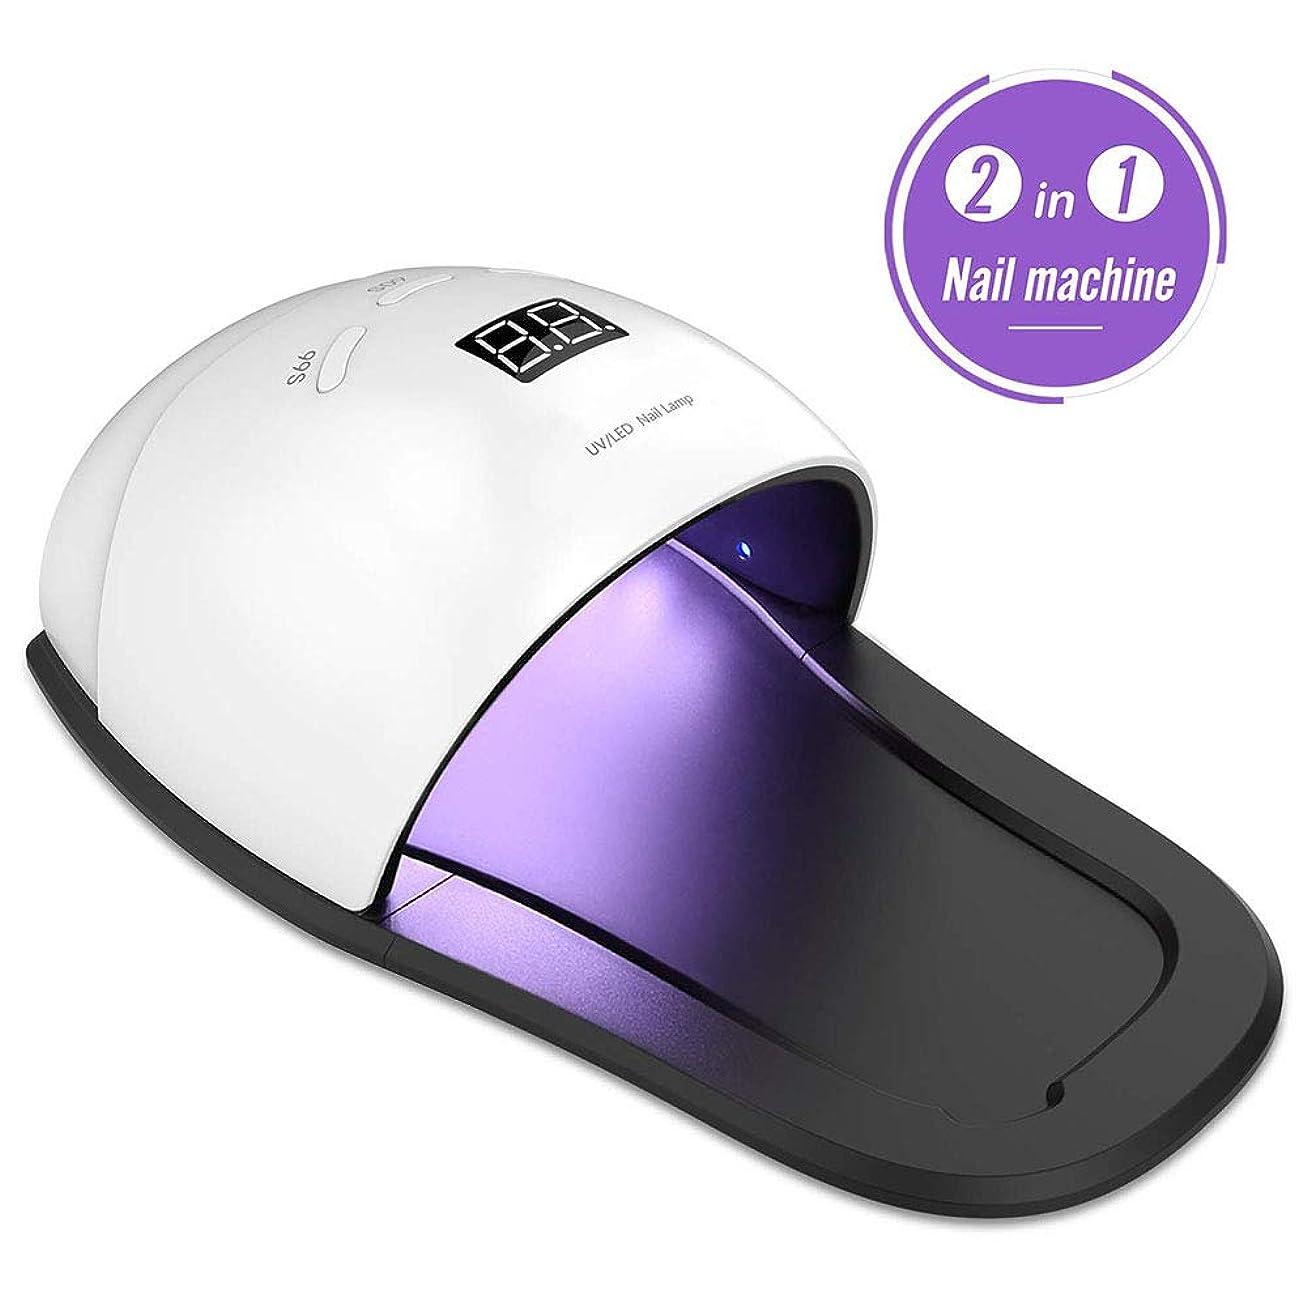 コントローラ適切にアレイネイルランプ、LED 48W UVネイルドライヤー、足指ネイルと指ネイルを硬化させるための新バージョン、スマート自動感知3タイマー設定、ポータブルミニプロフェッショナルクイックLEDネイルキュア